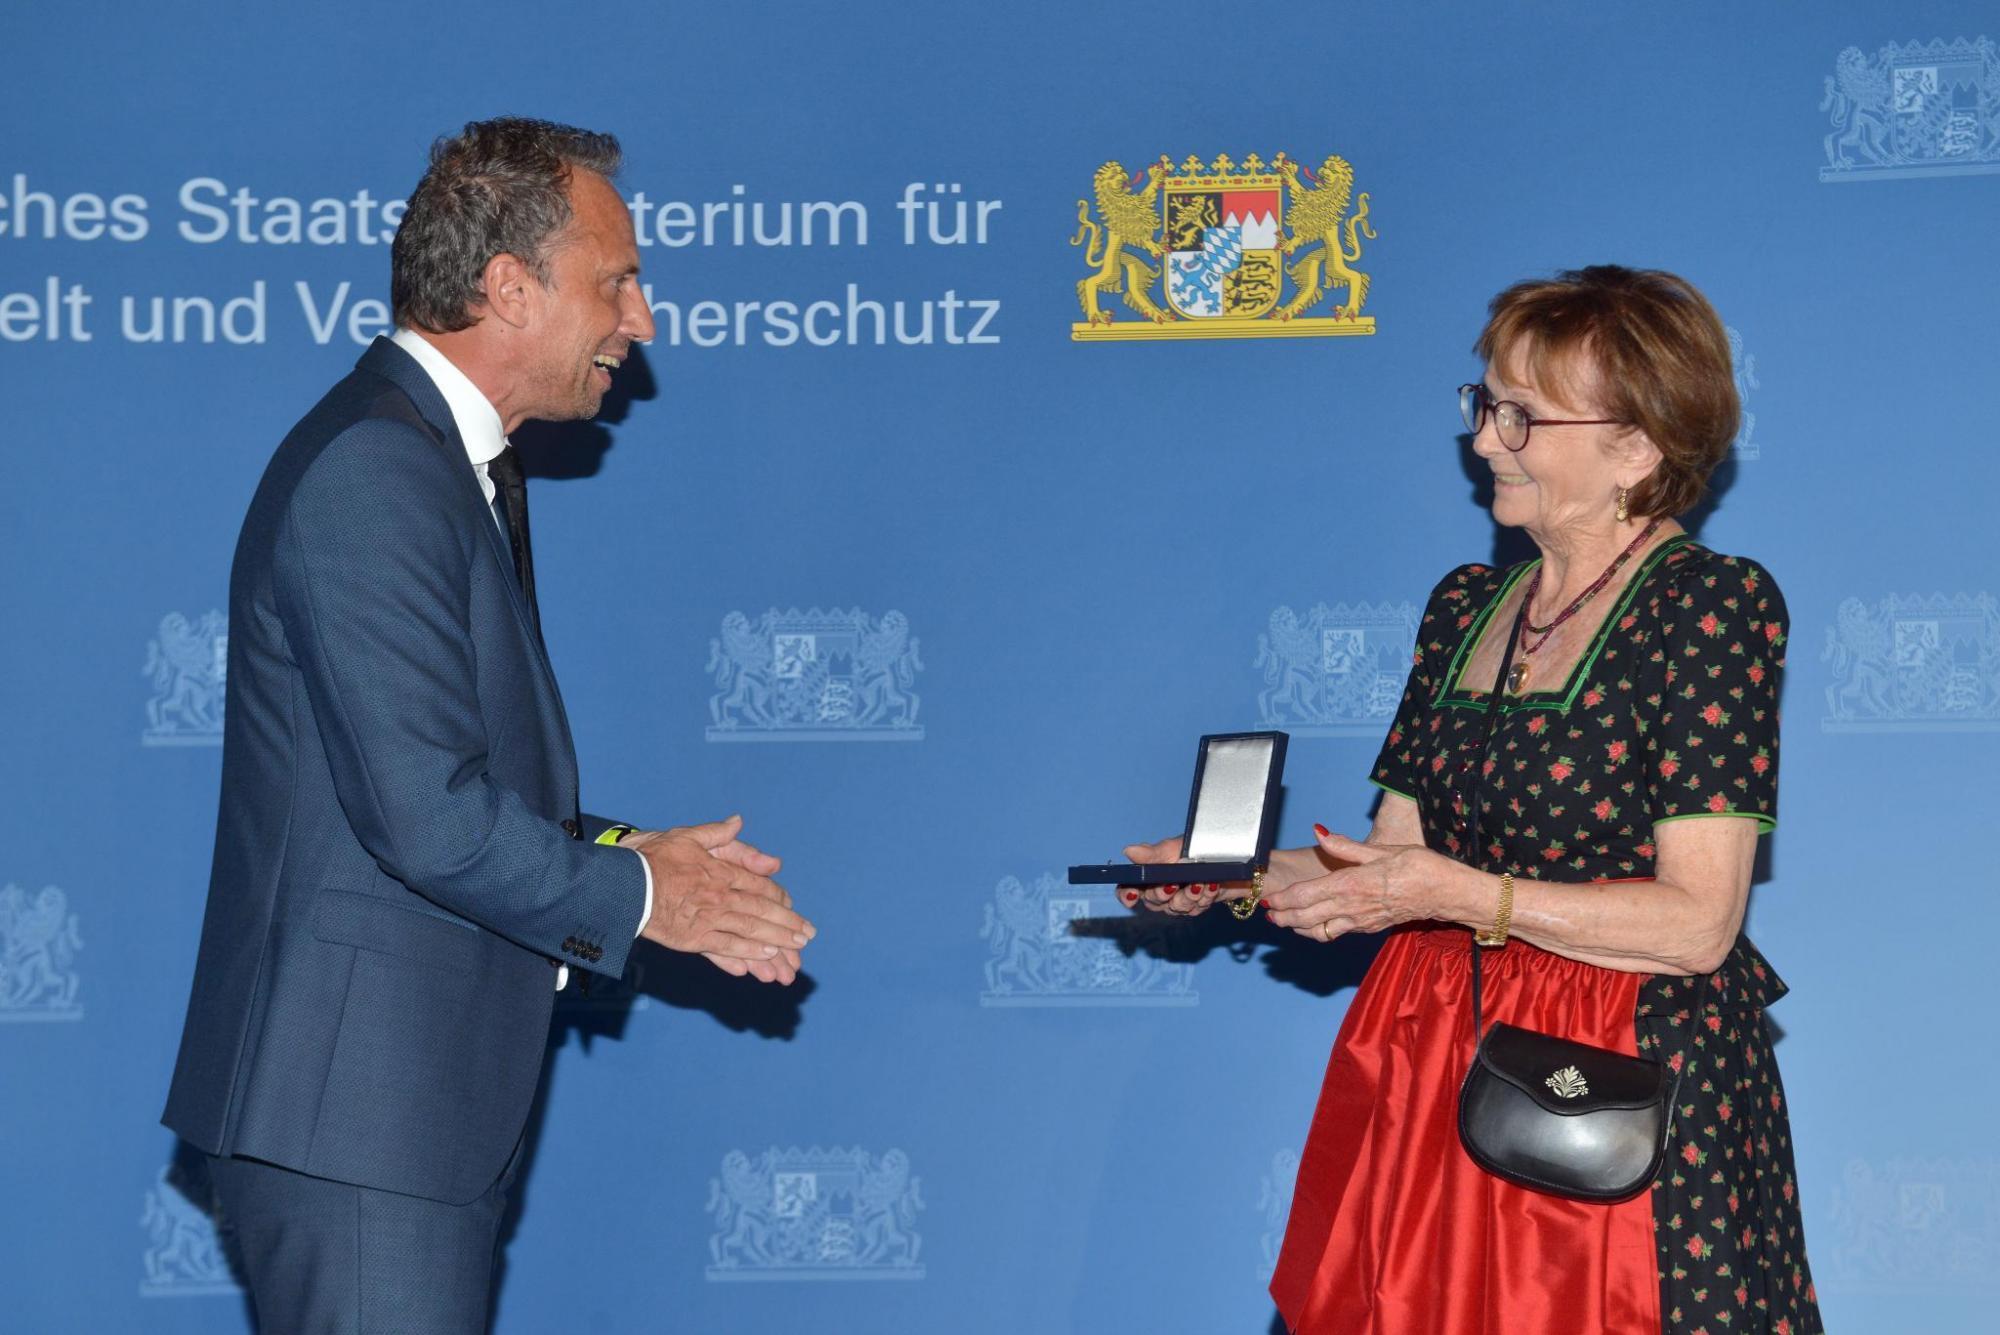 Margaretha Stocker für besondere Verdienste um die Umwelt geehrt